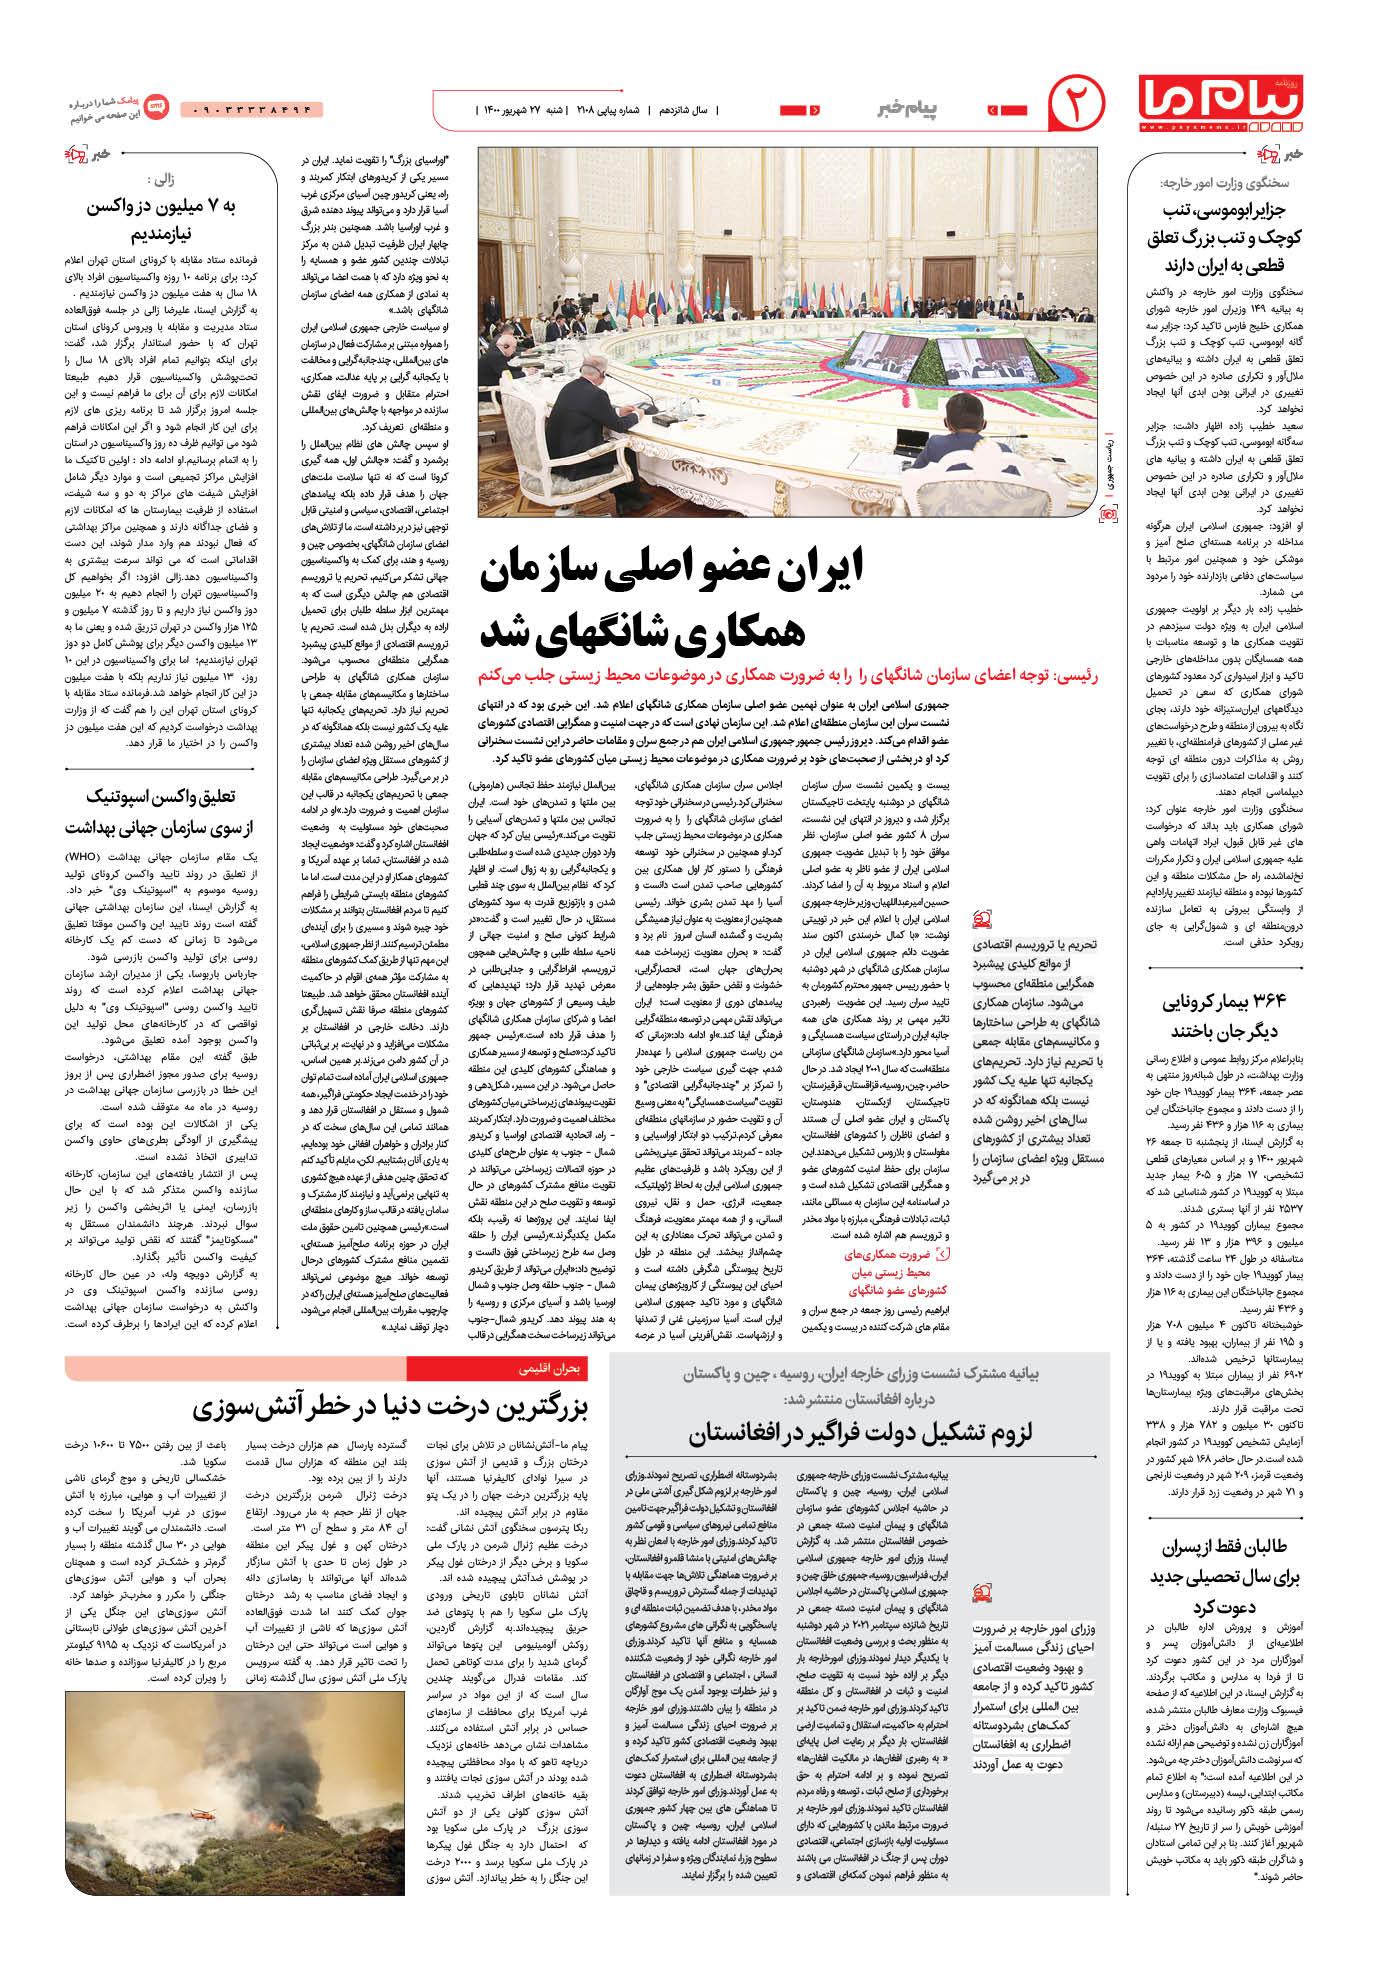 صفحه پیام خبر شماره 2108 روزنامه پیام ما